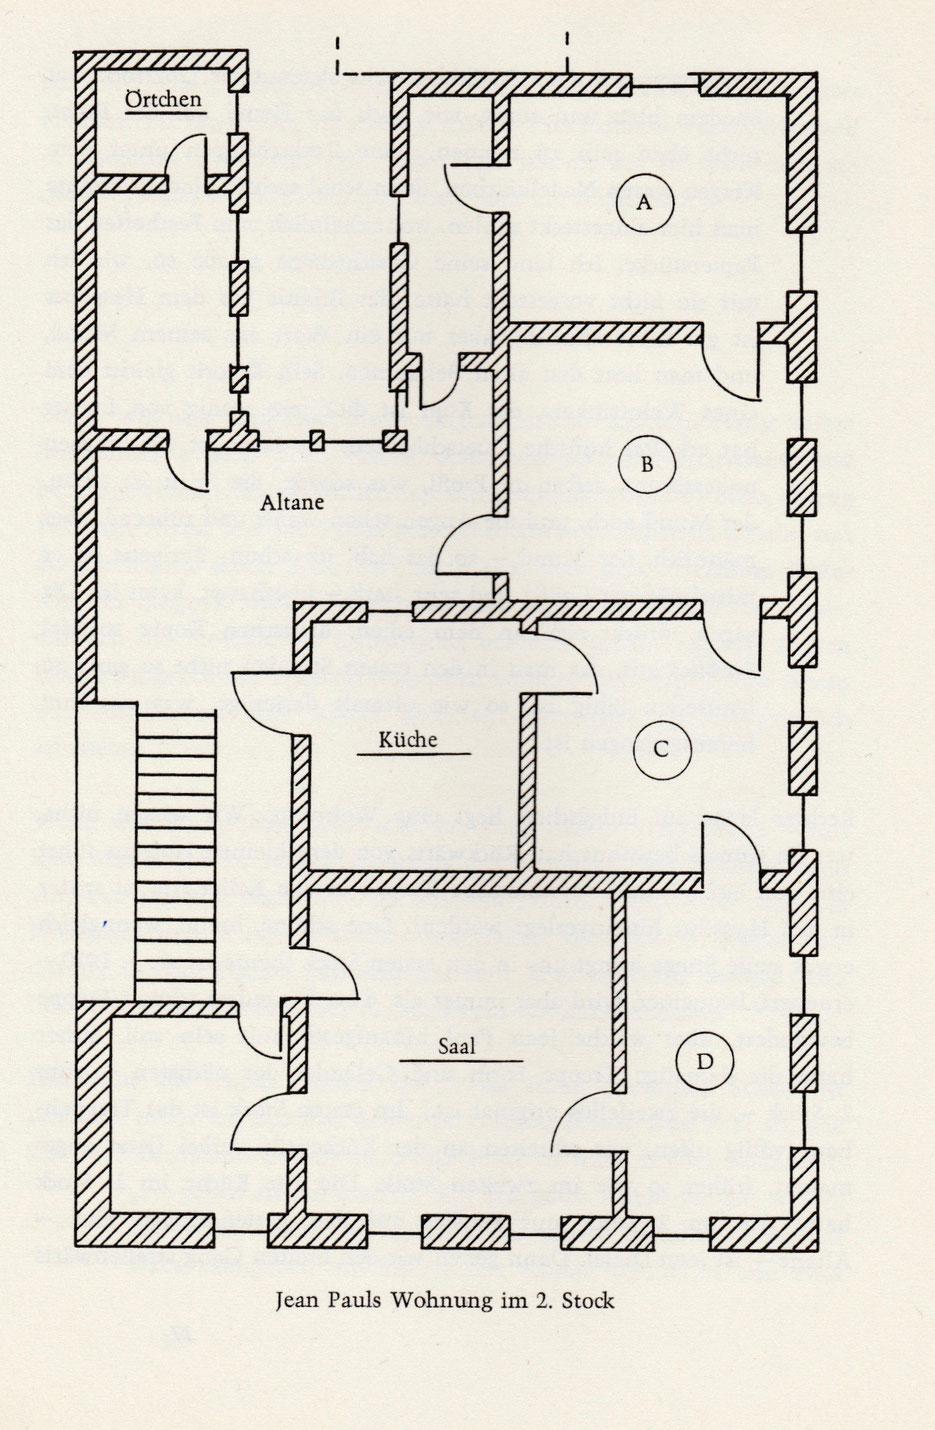 """Plan von Jean Pauls Wohnung, Friedrichstraße 5 in Bayreuth, aus dem Buch von Philipp Hausser """"Die Geschichte eines Hauses"""""""